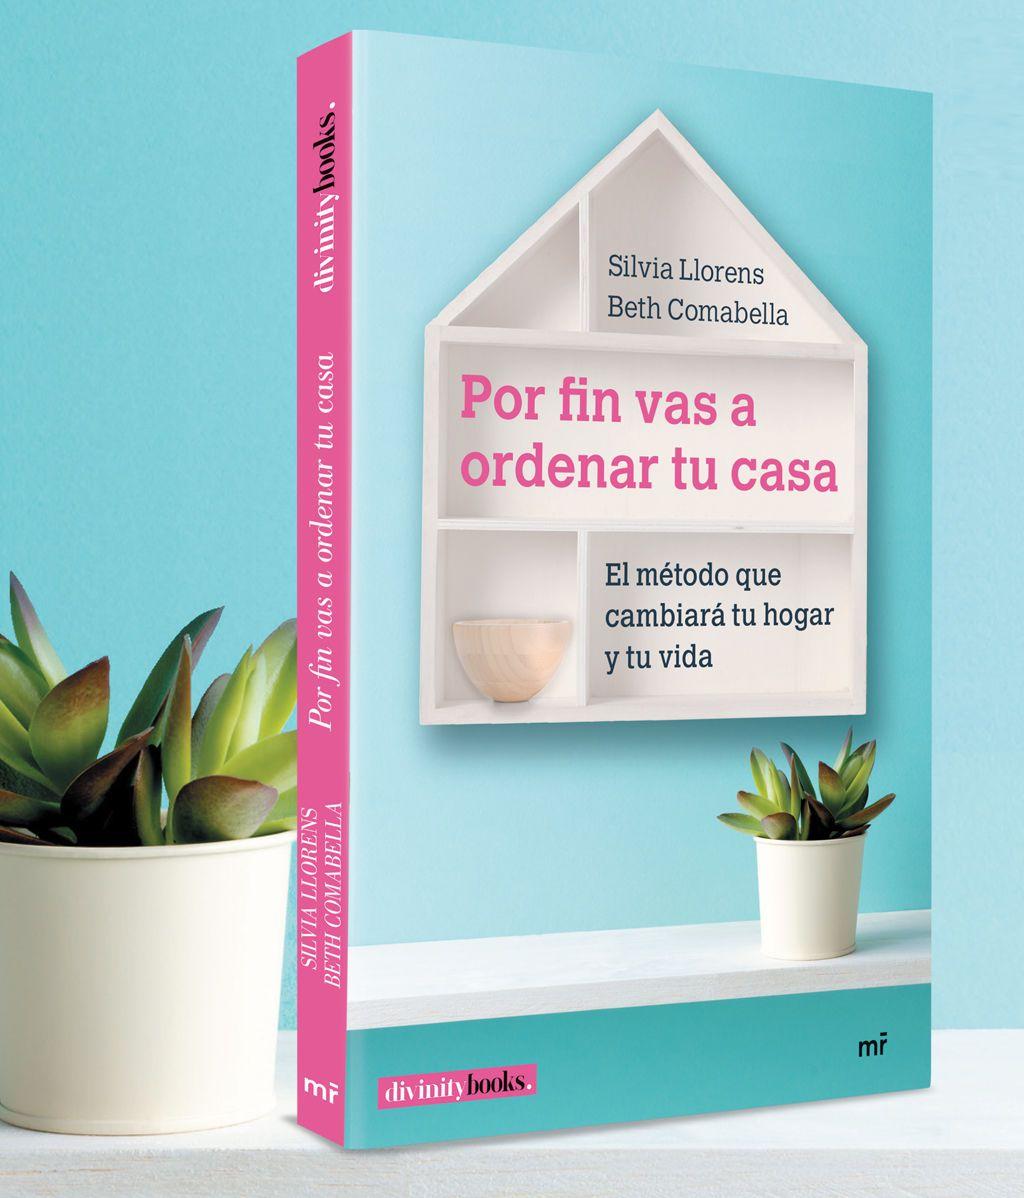 'Por fin vas a ordenar tus casa', el libro con el que recuperarás la armonía de tu hogar